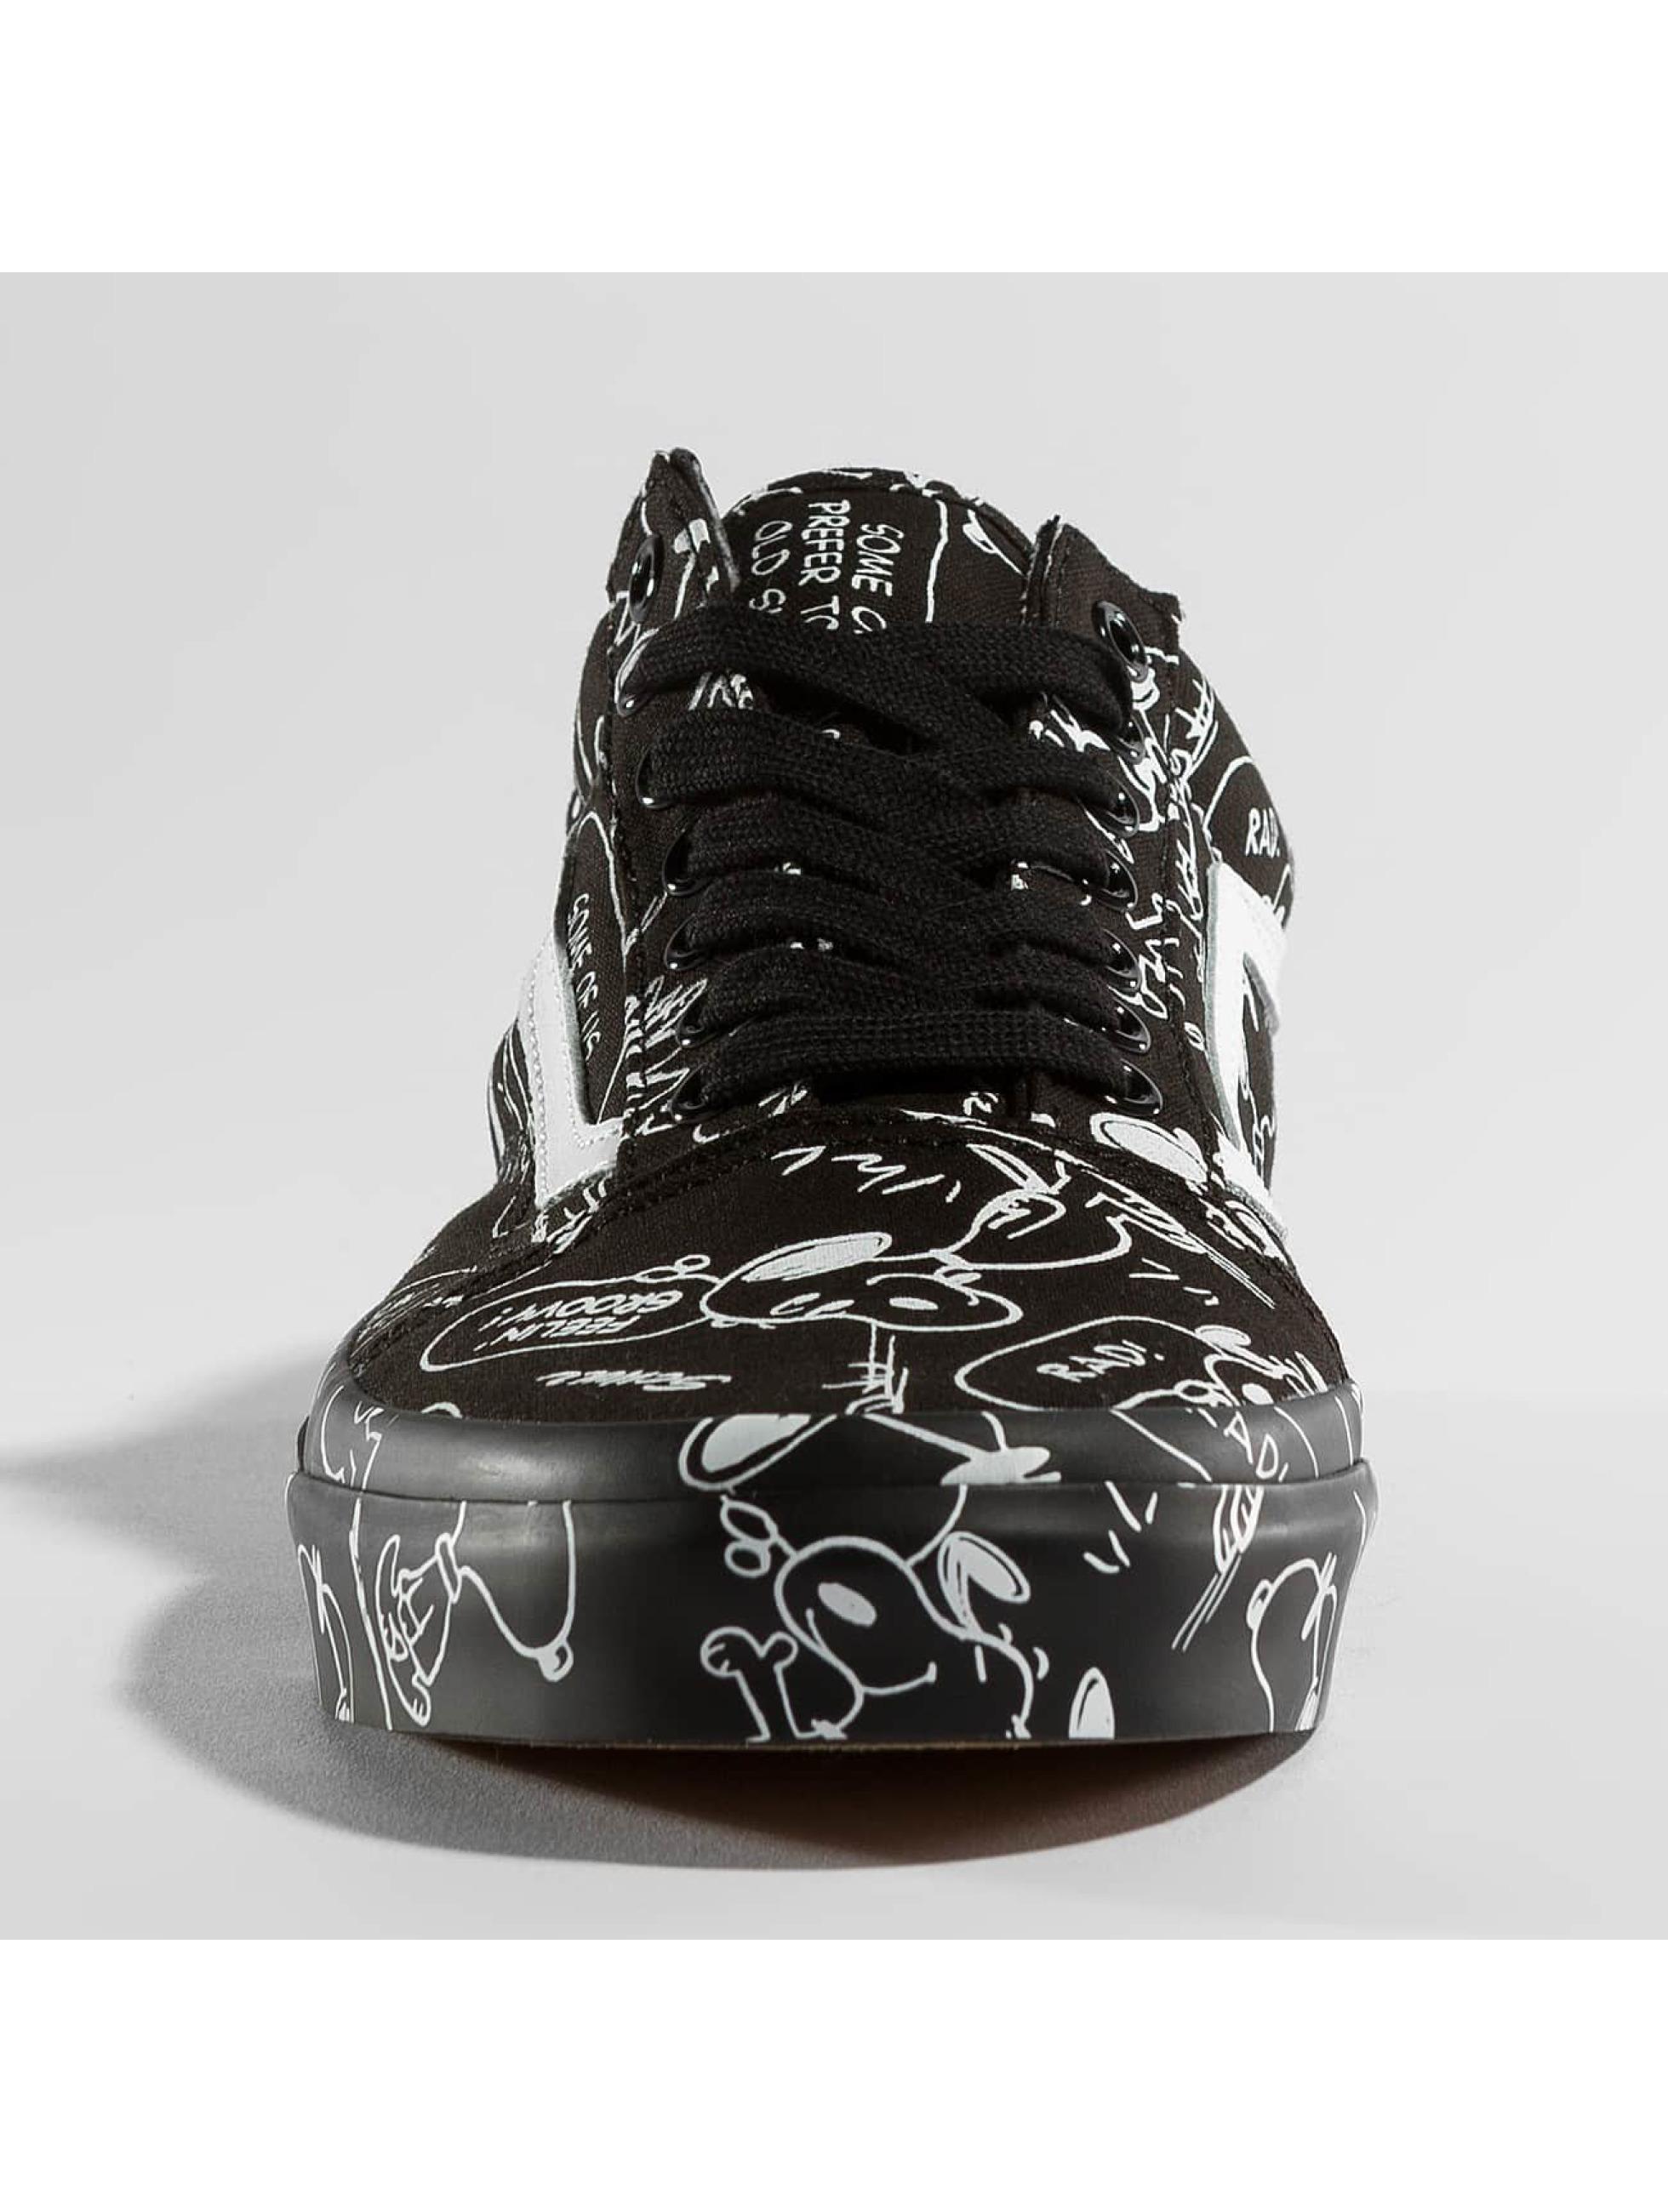 Vans Sneakers Peanuts Old School czarny